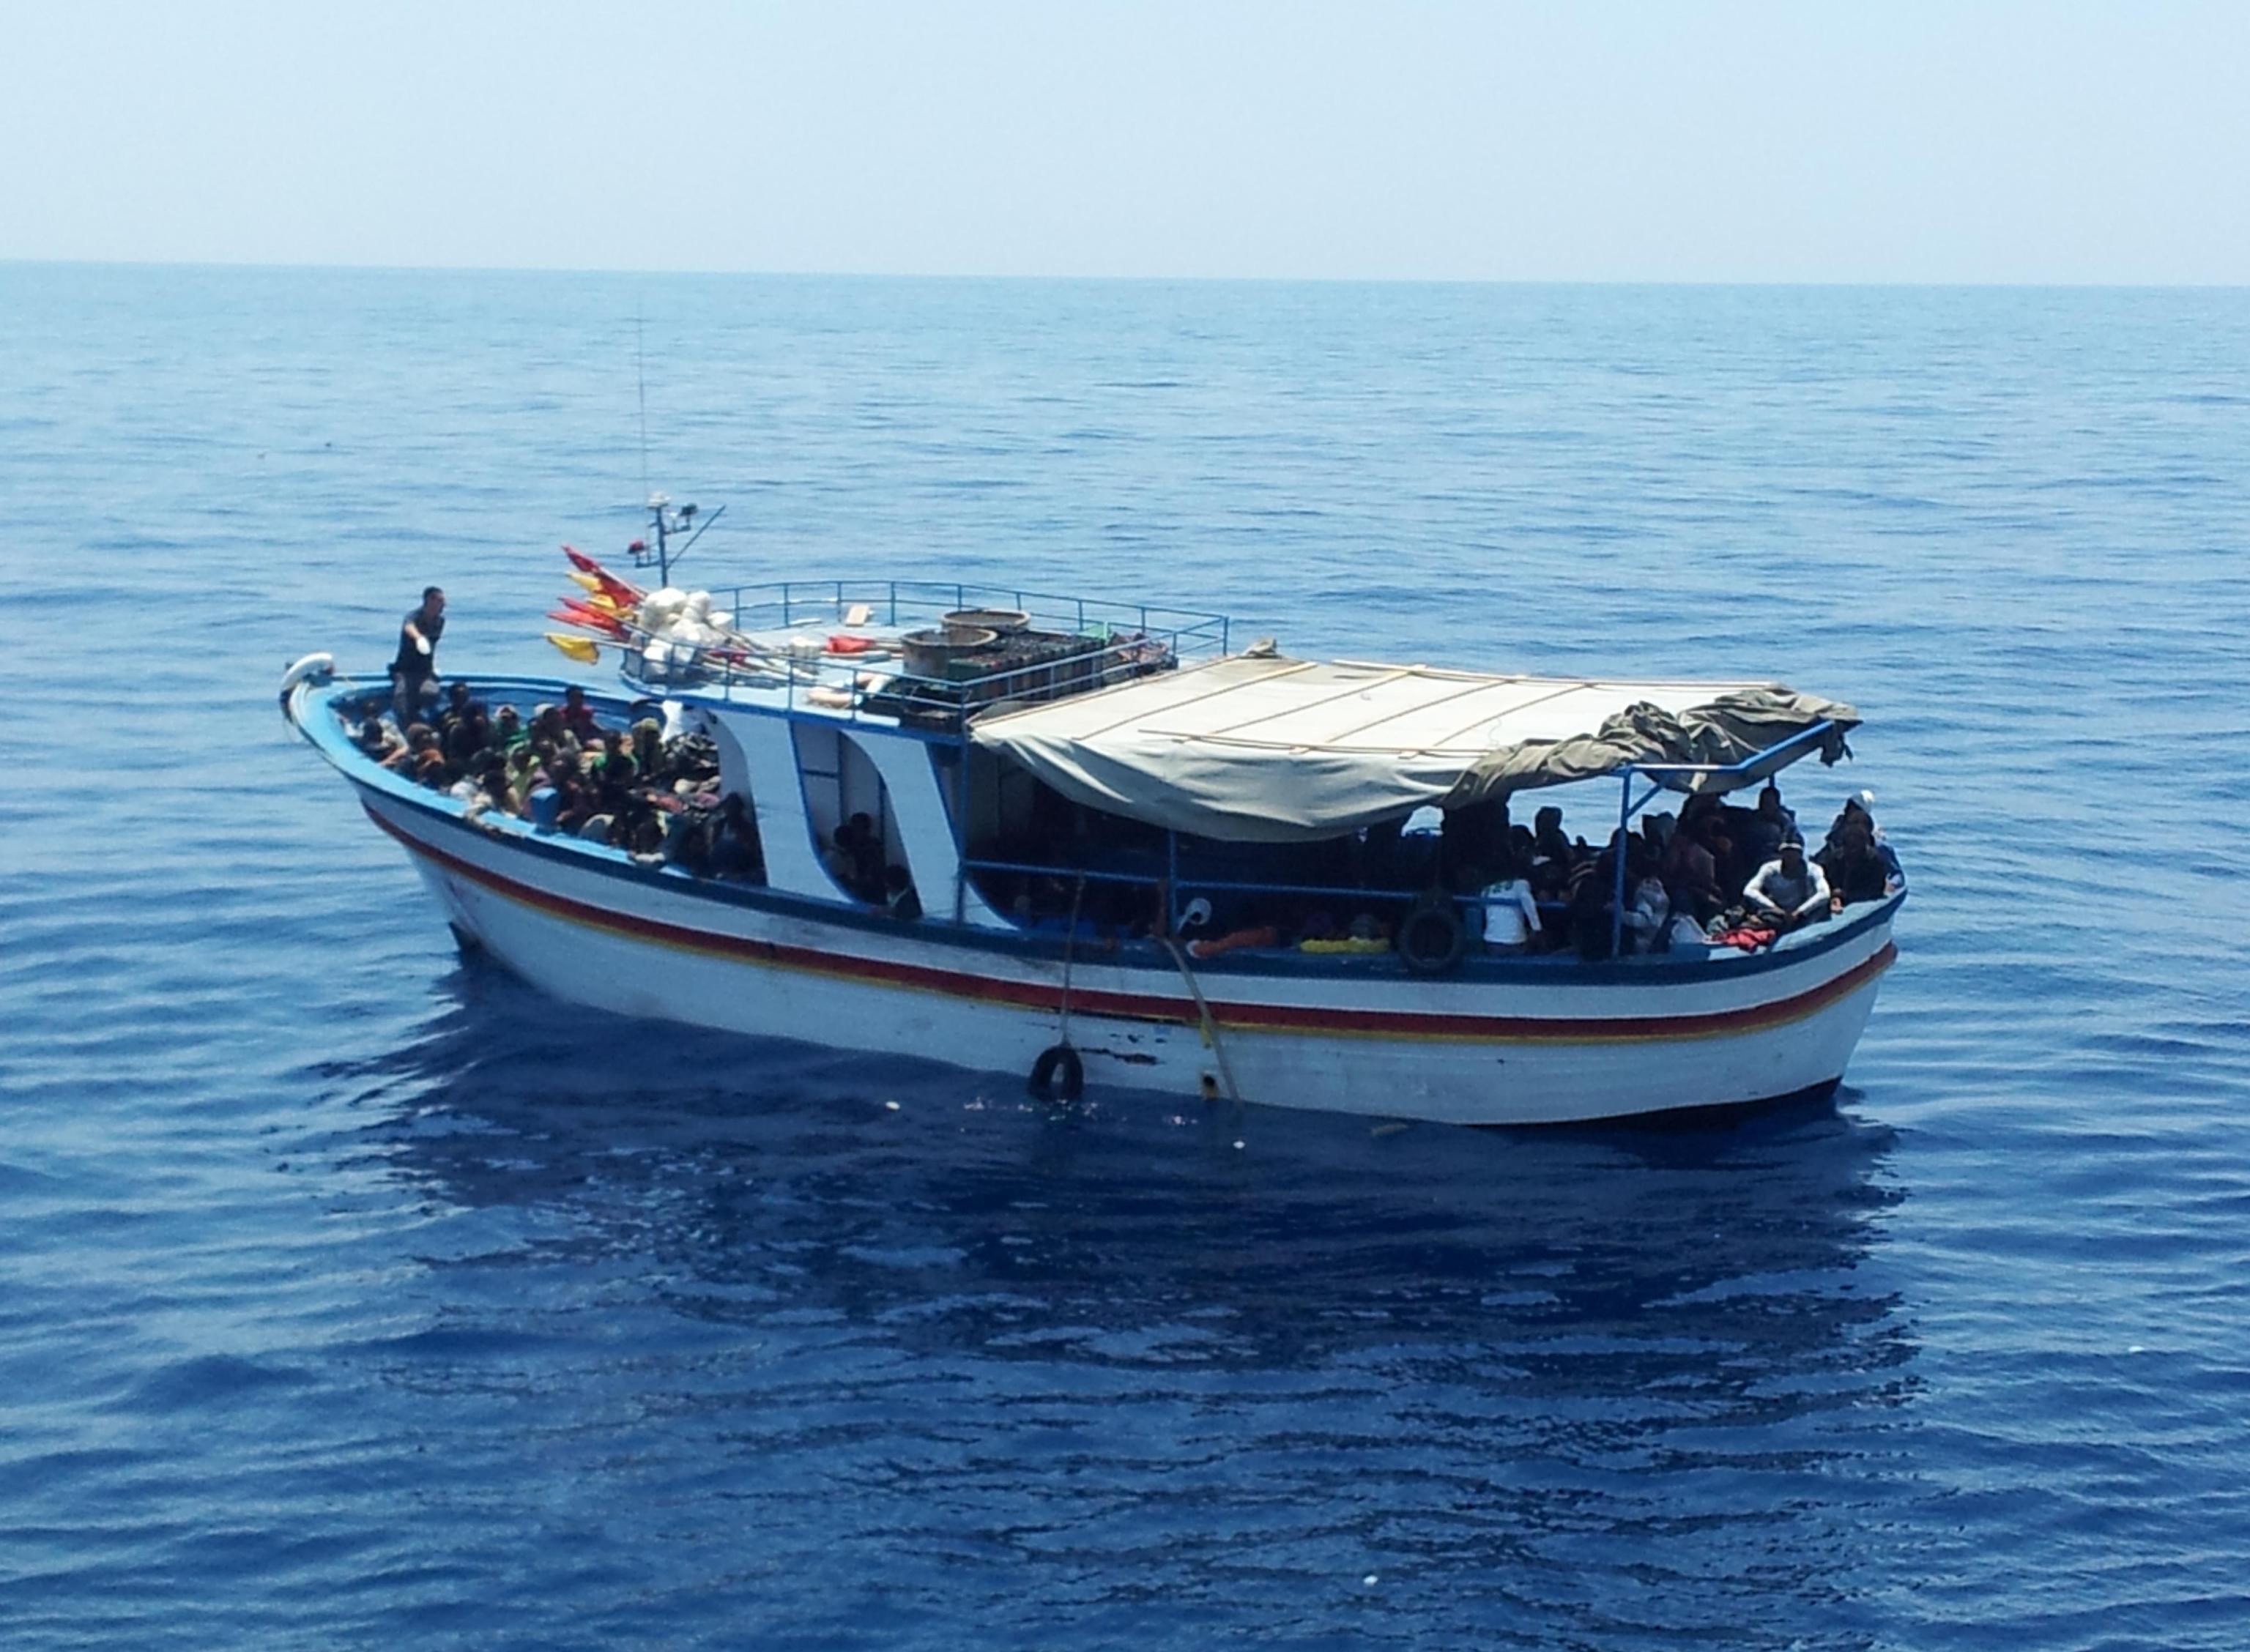 Naufragio in acque libiche: si temono decine di vittime